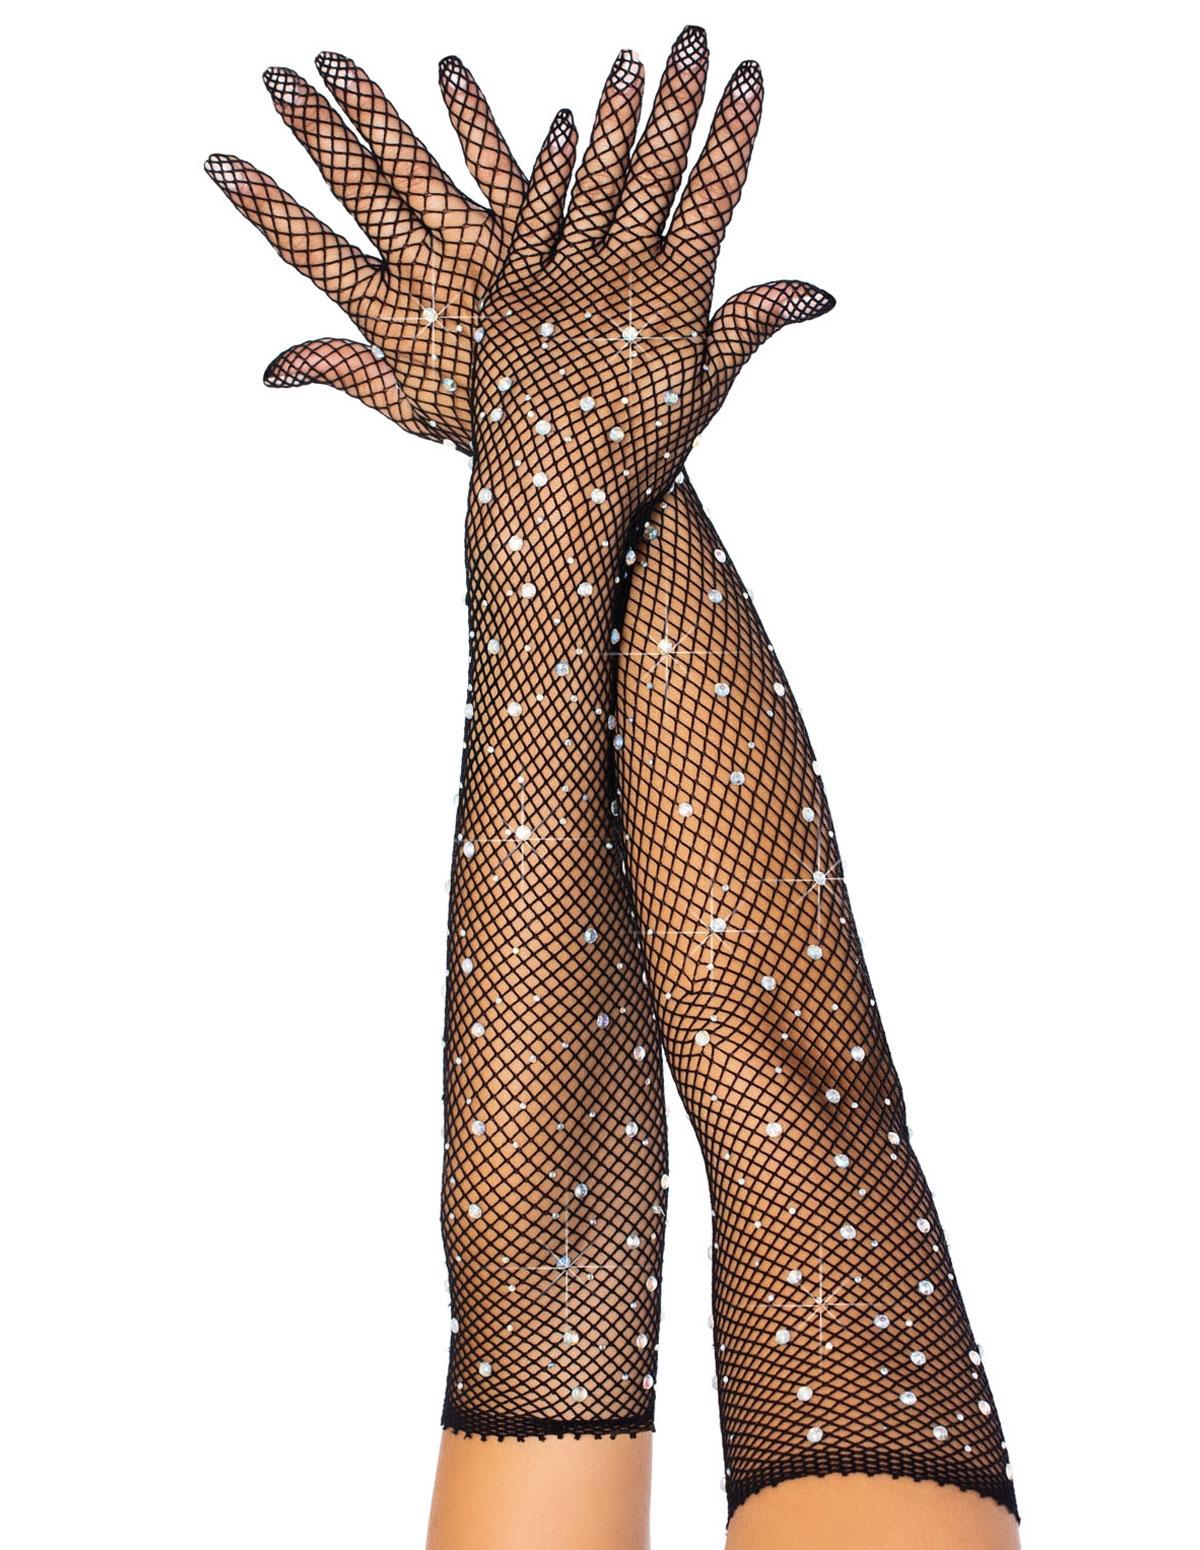 Rhinestone Fishnet Opera Length Gloves